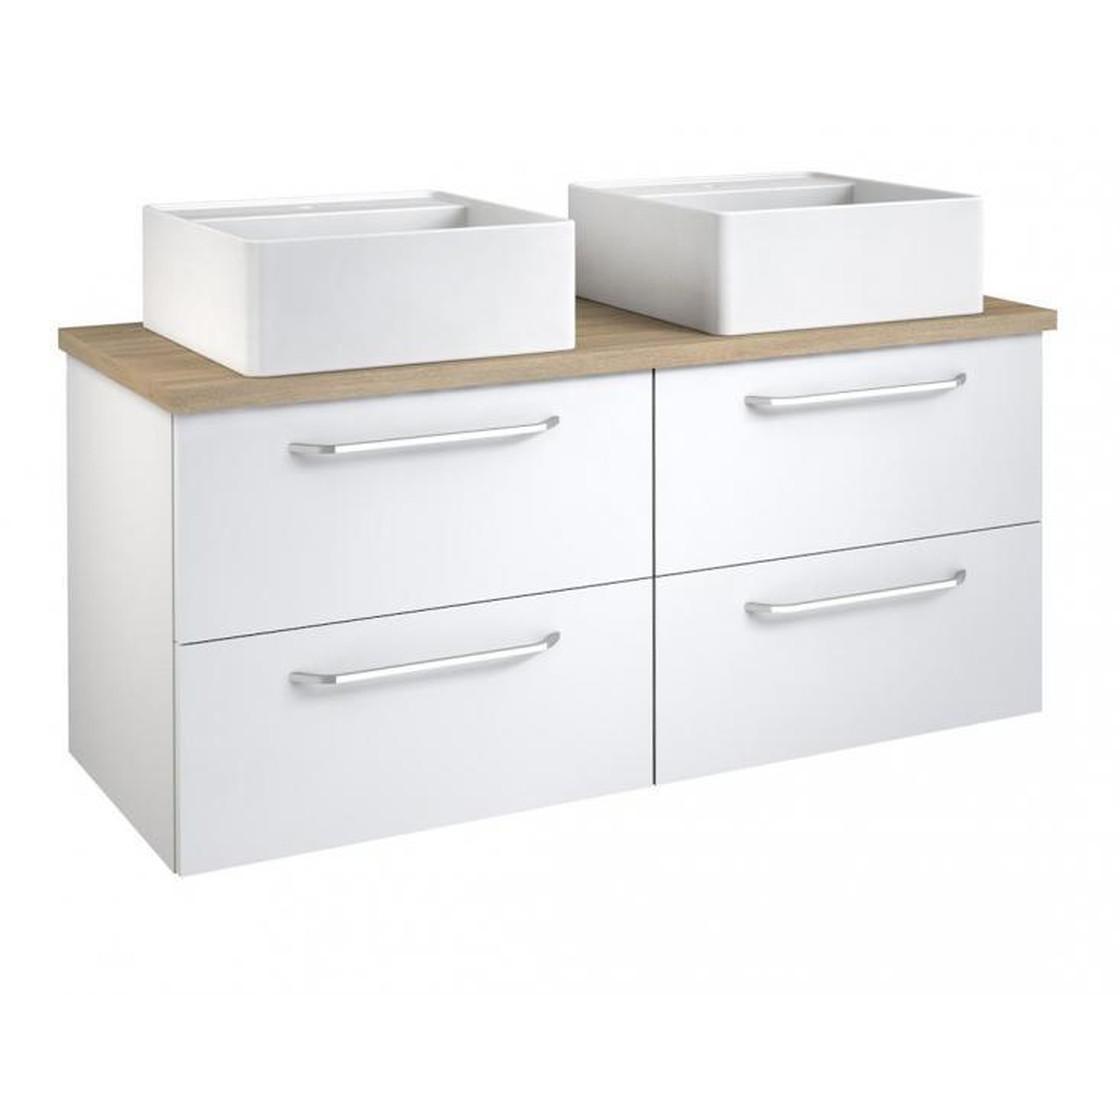 Vidamar Luna Waschtischunterschrank 2 Waschbecken eckig 4 Schubladen Eiche  grau 120